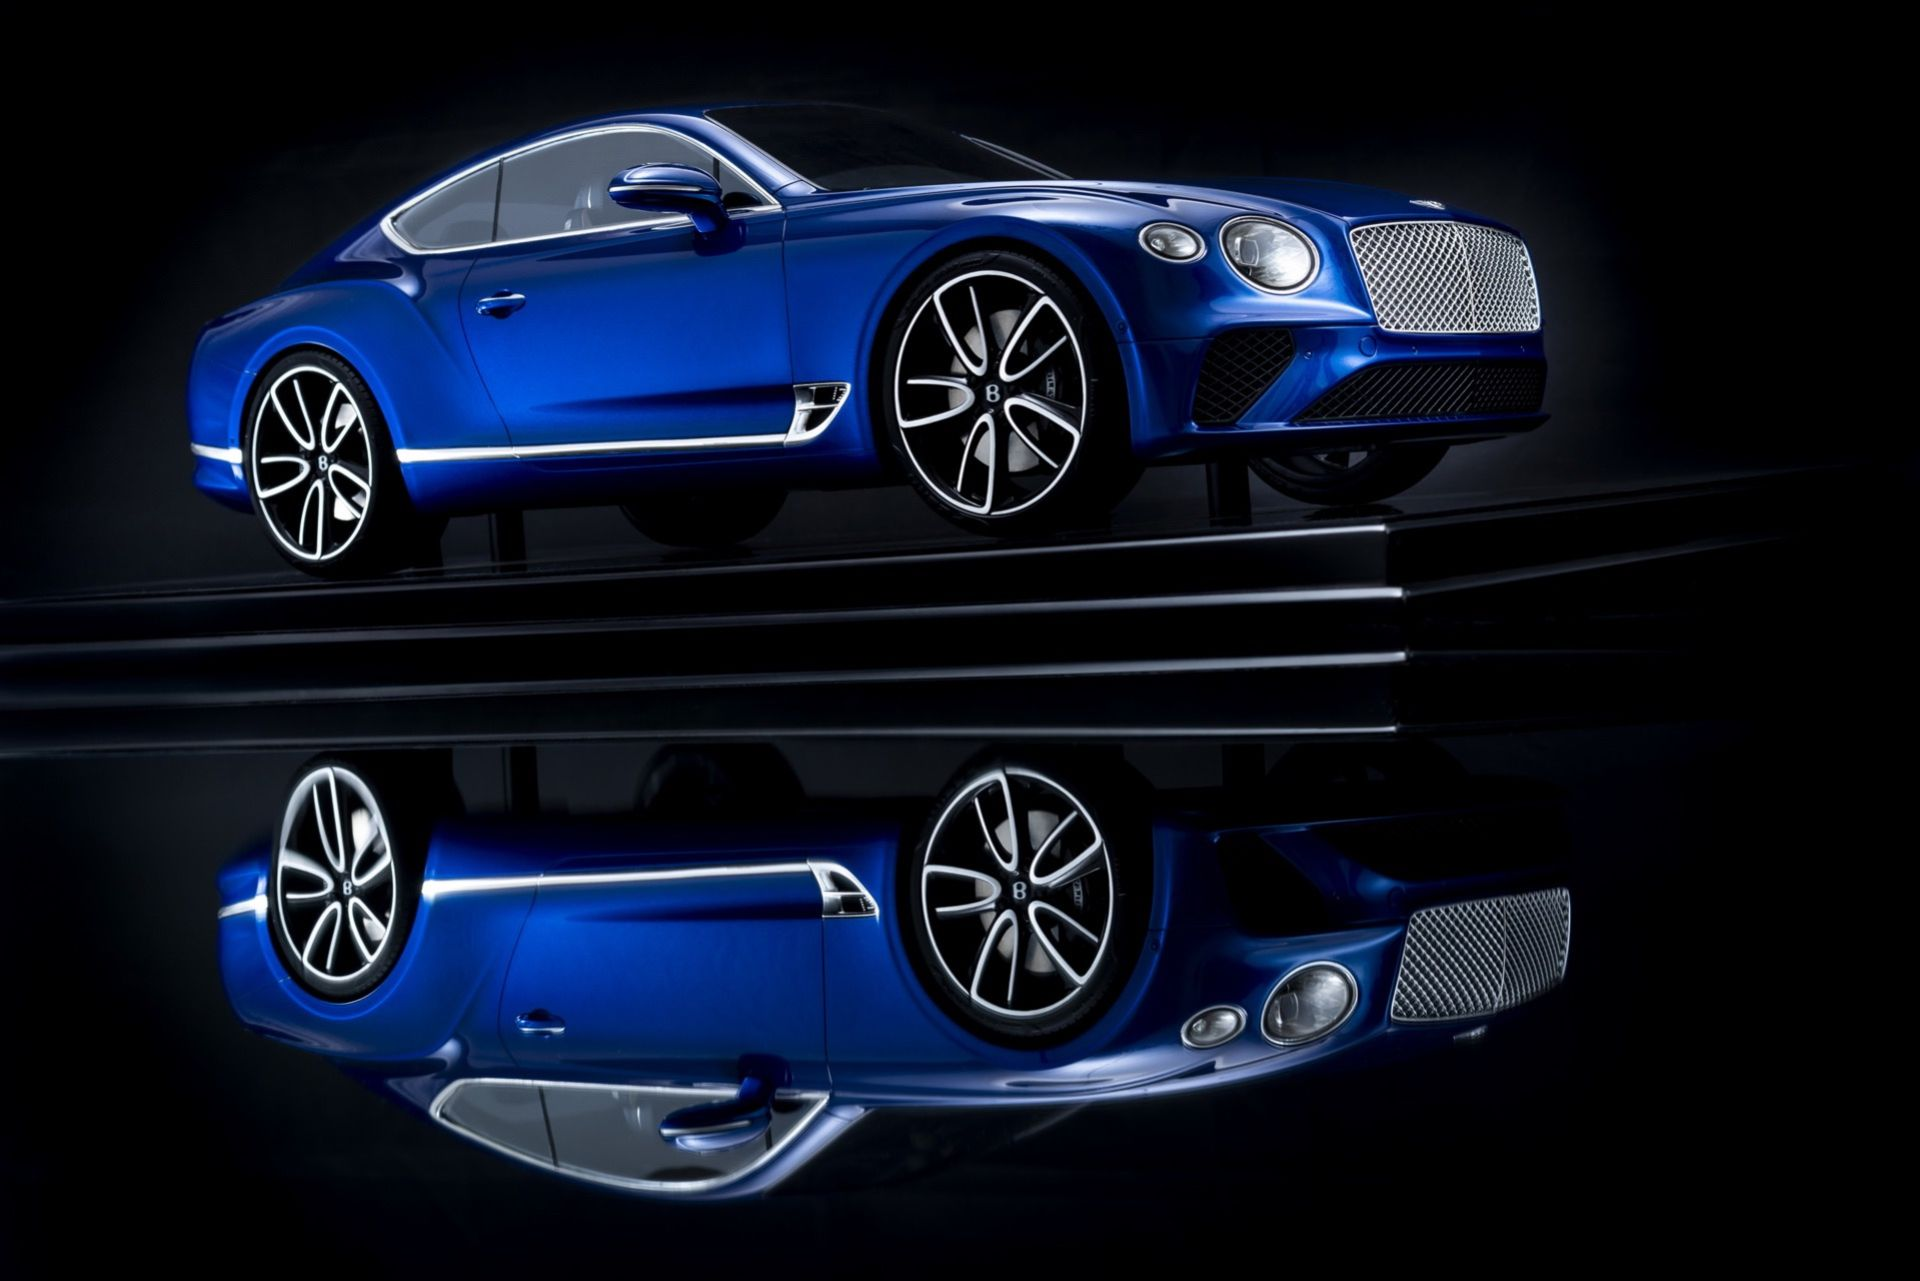 Ny Bentley Continental GT som modellbil